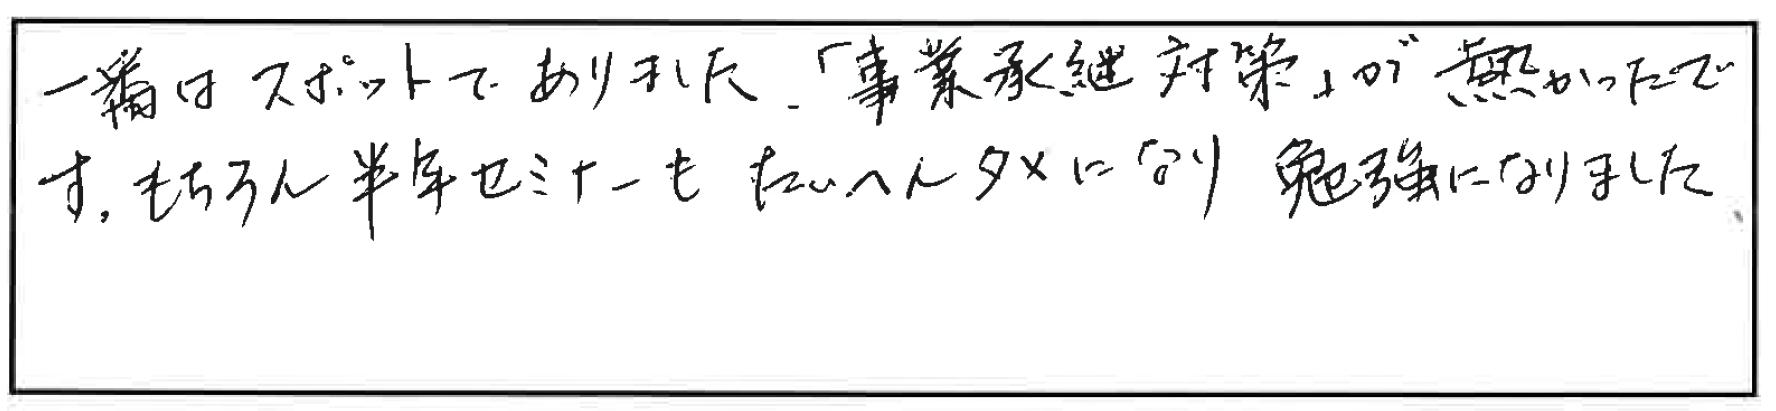 吉澤塾 半年コースの参加者の声画像163